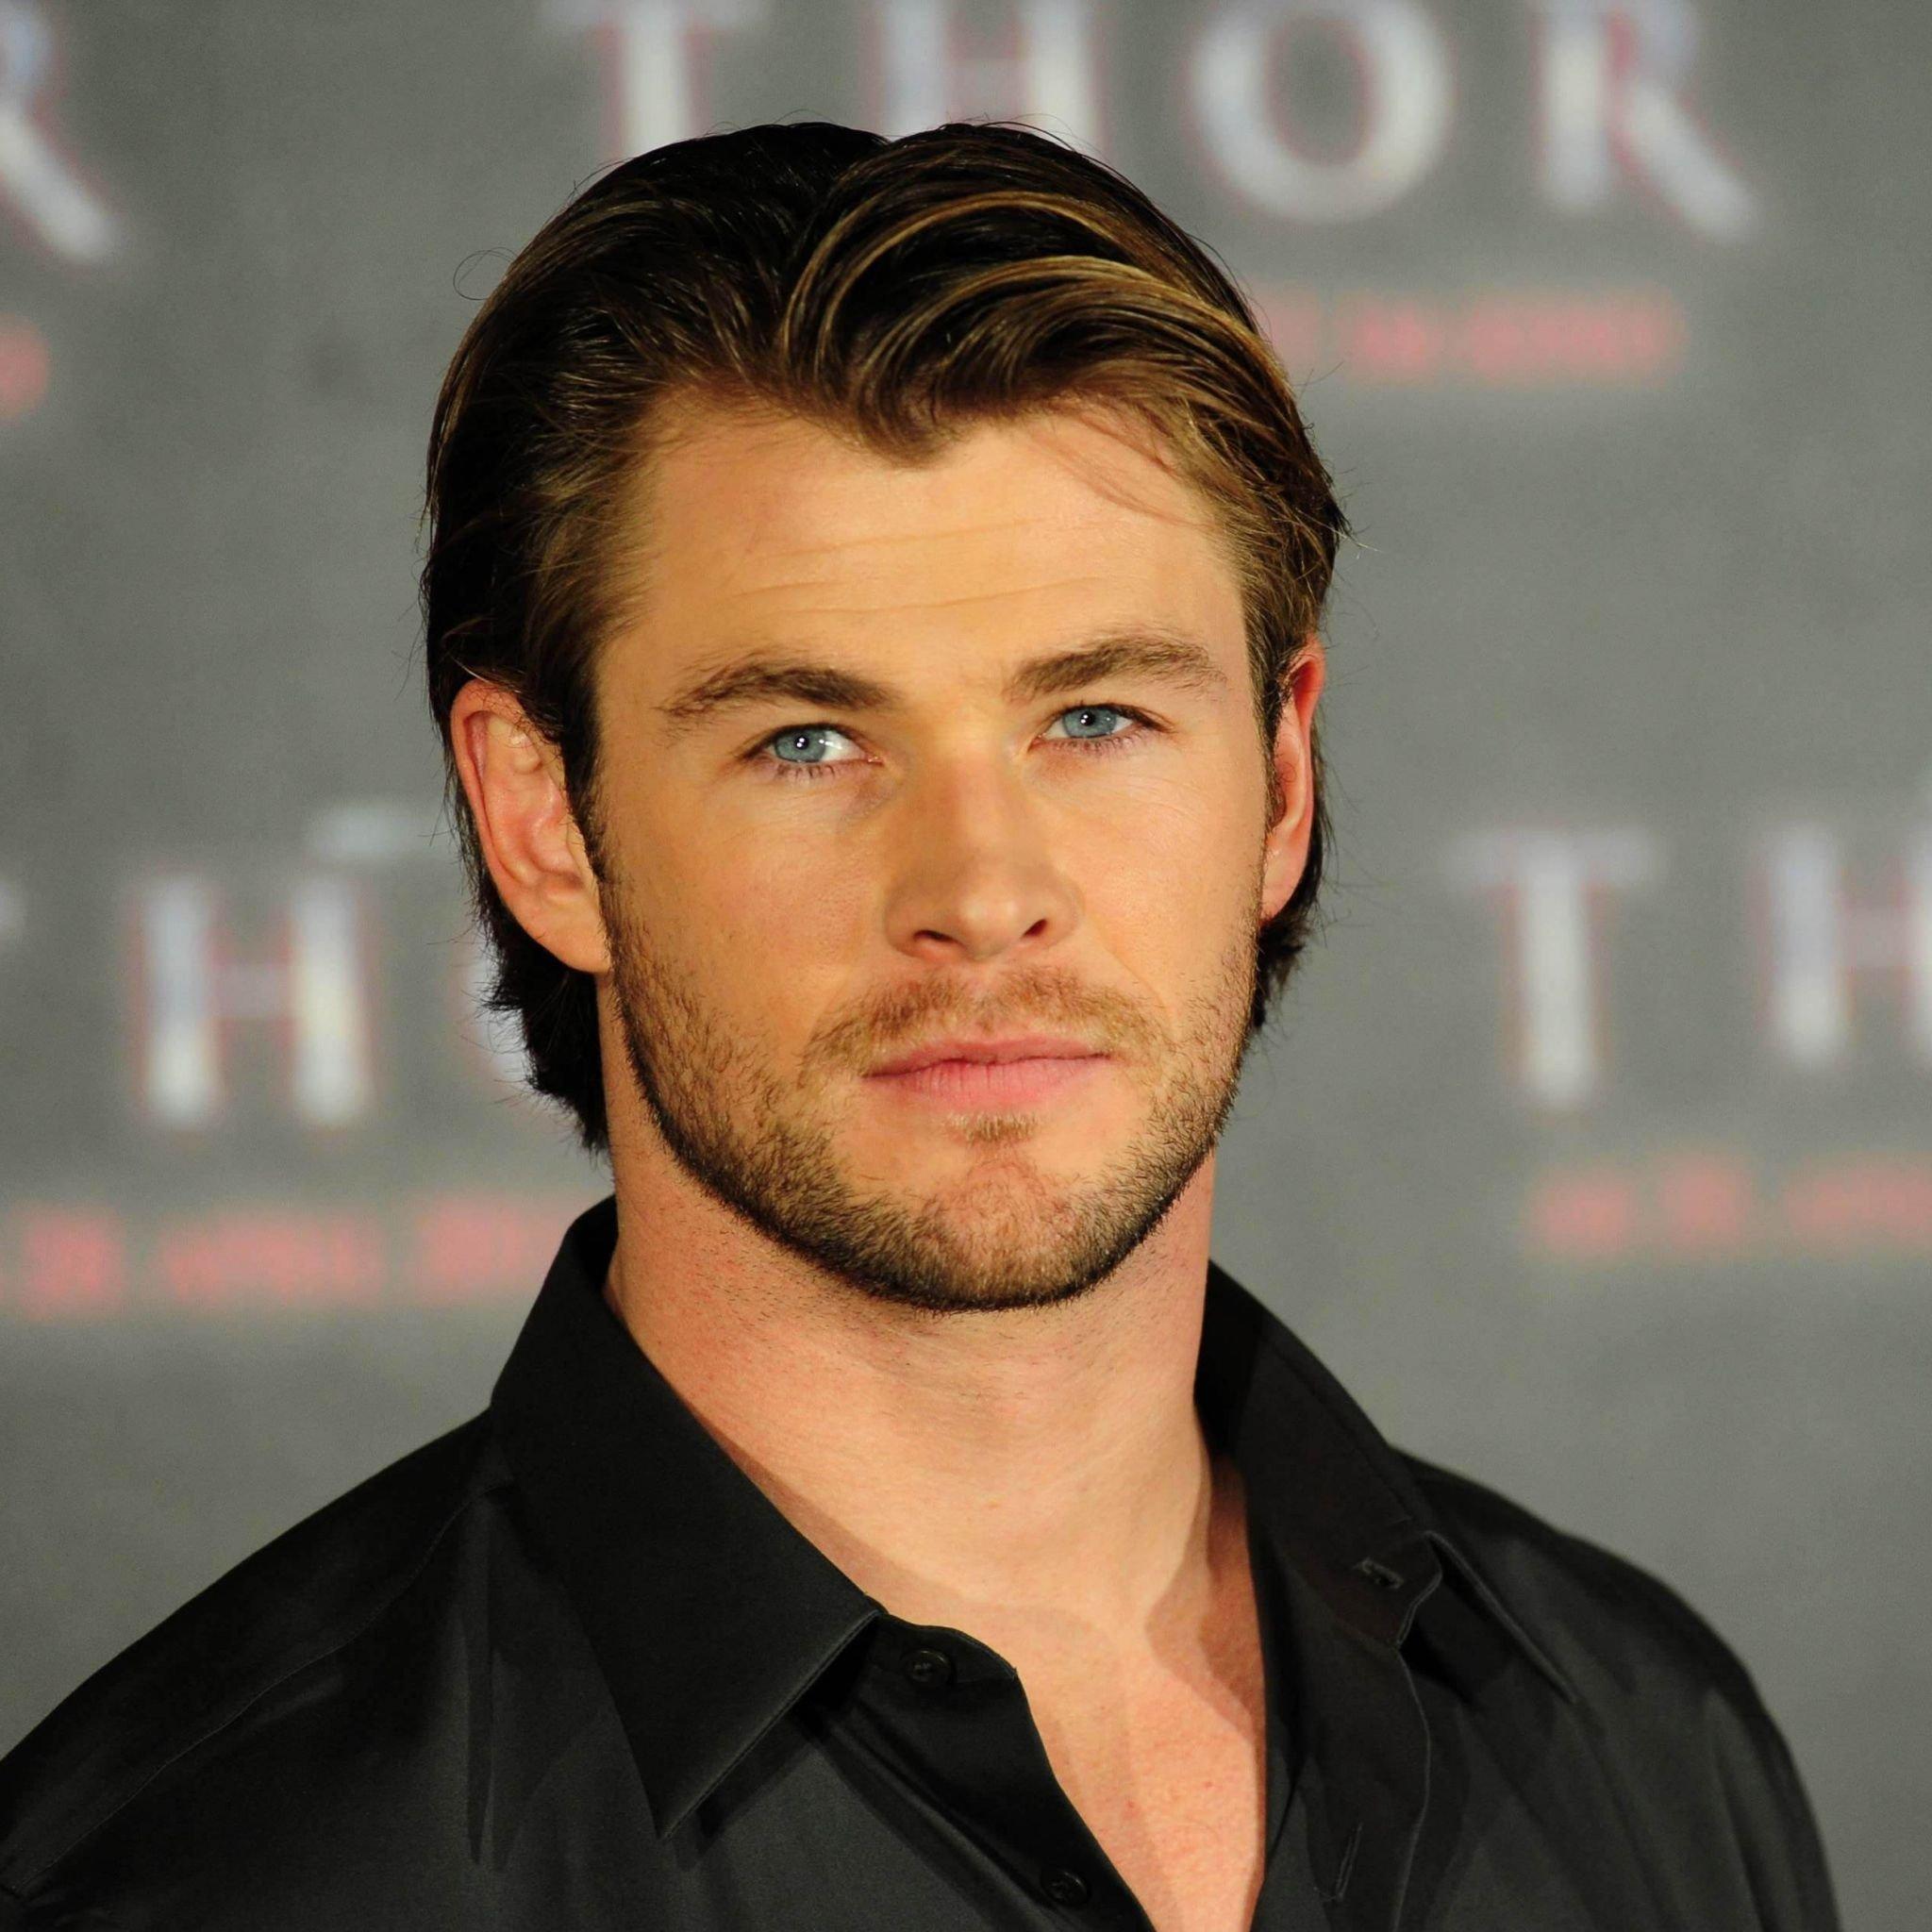 одной стороны самые красивые голливудские актеры мужчины фото номере сначала было